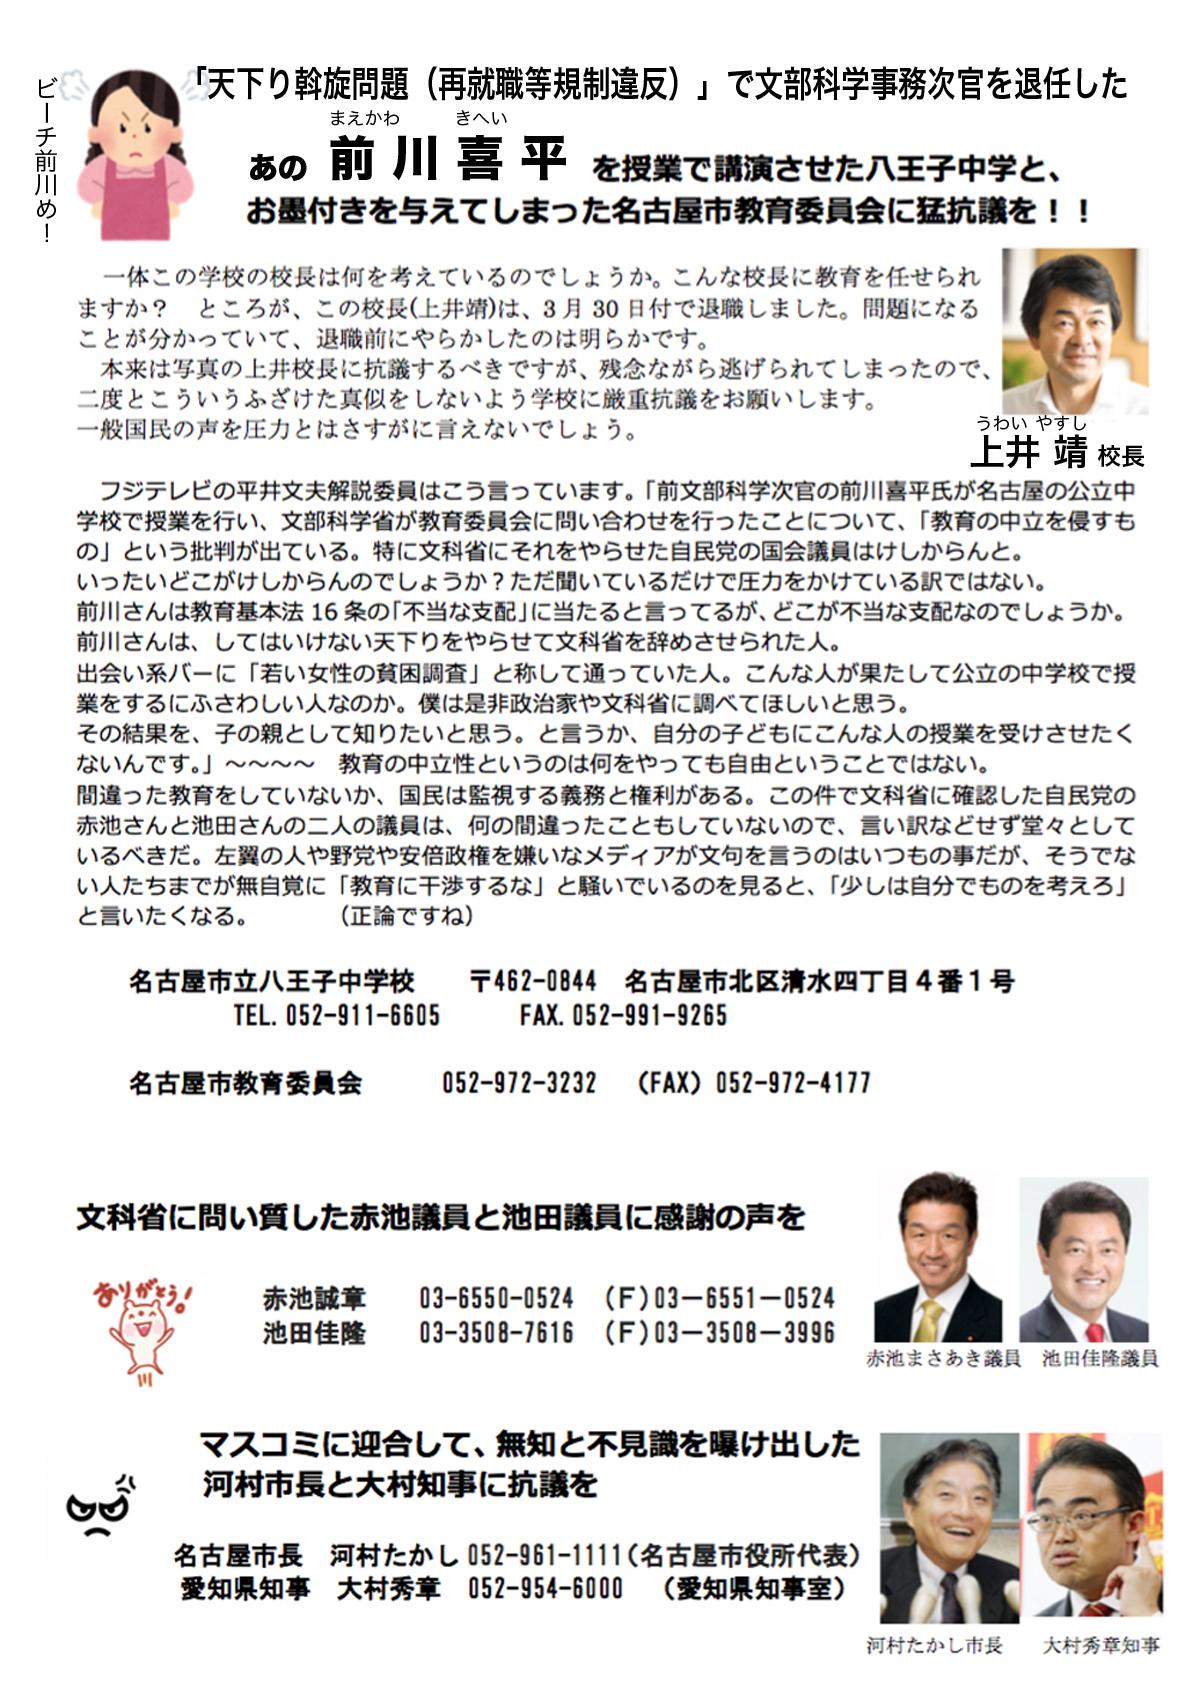 名古屋 市 教育 委員 会